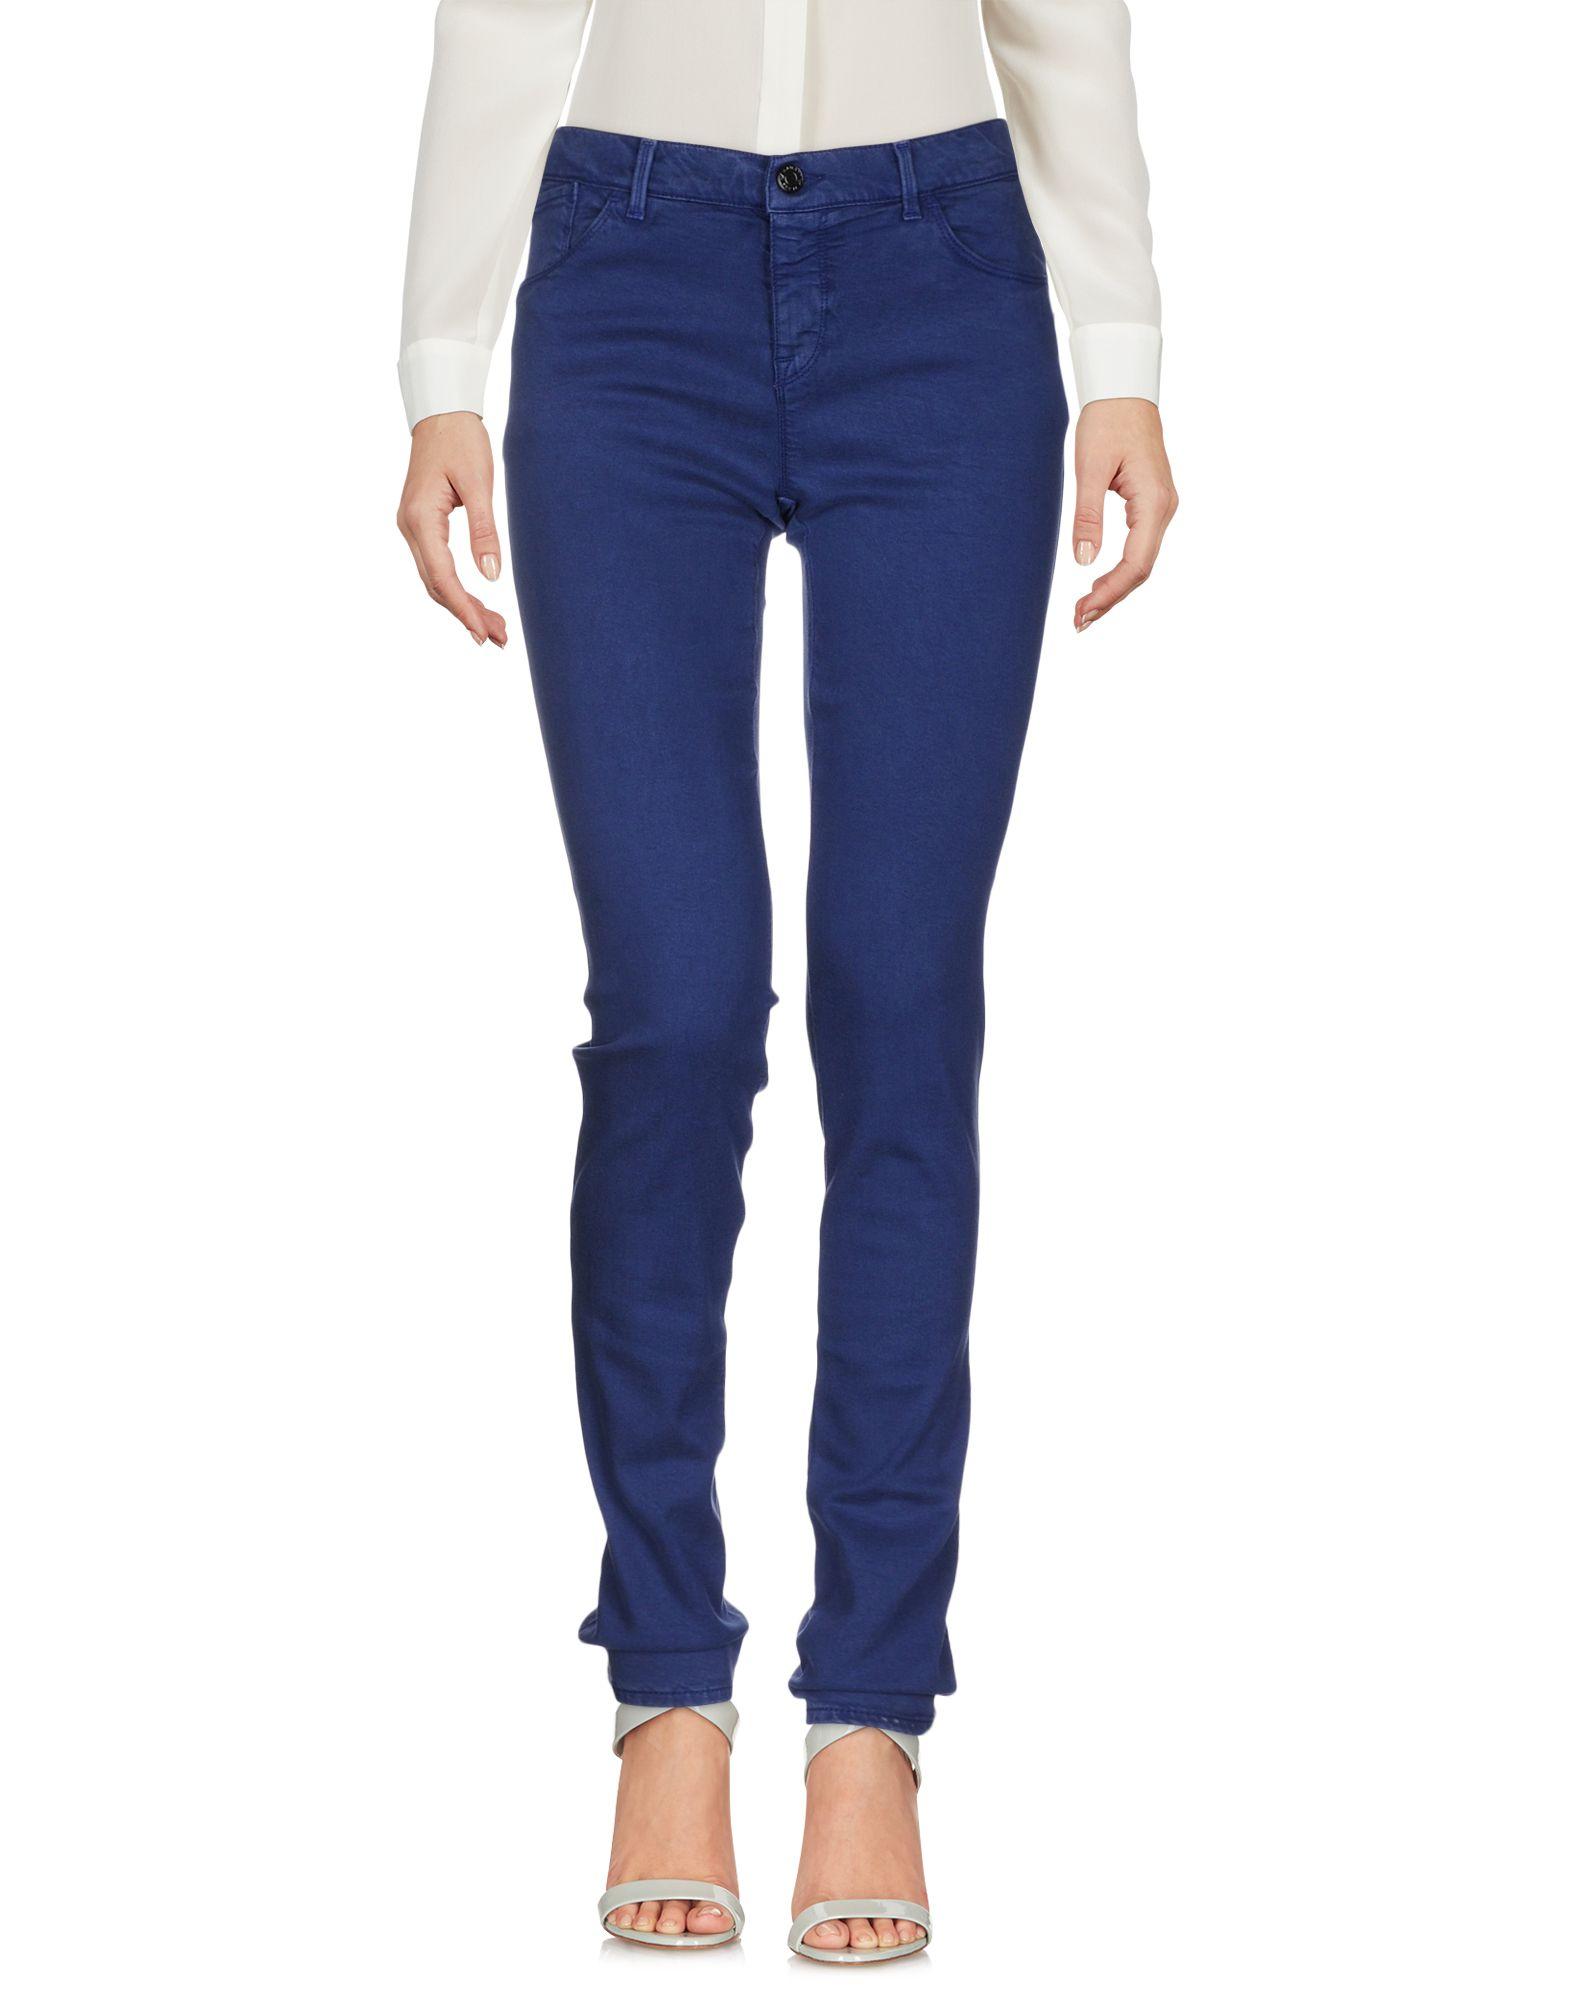 Pantalone Armani Jeans donna donna donna - 13041553EC 067